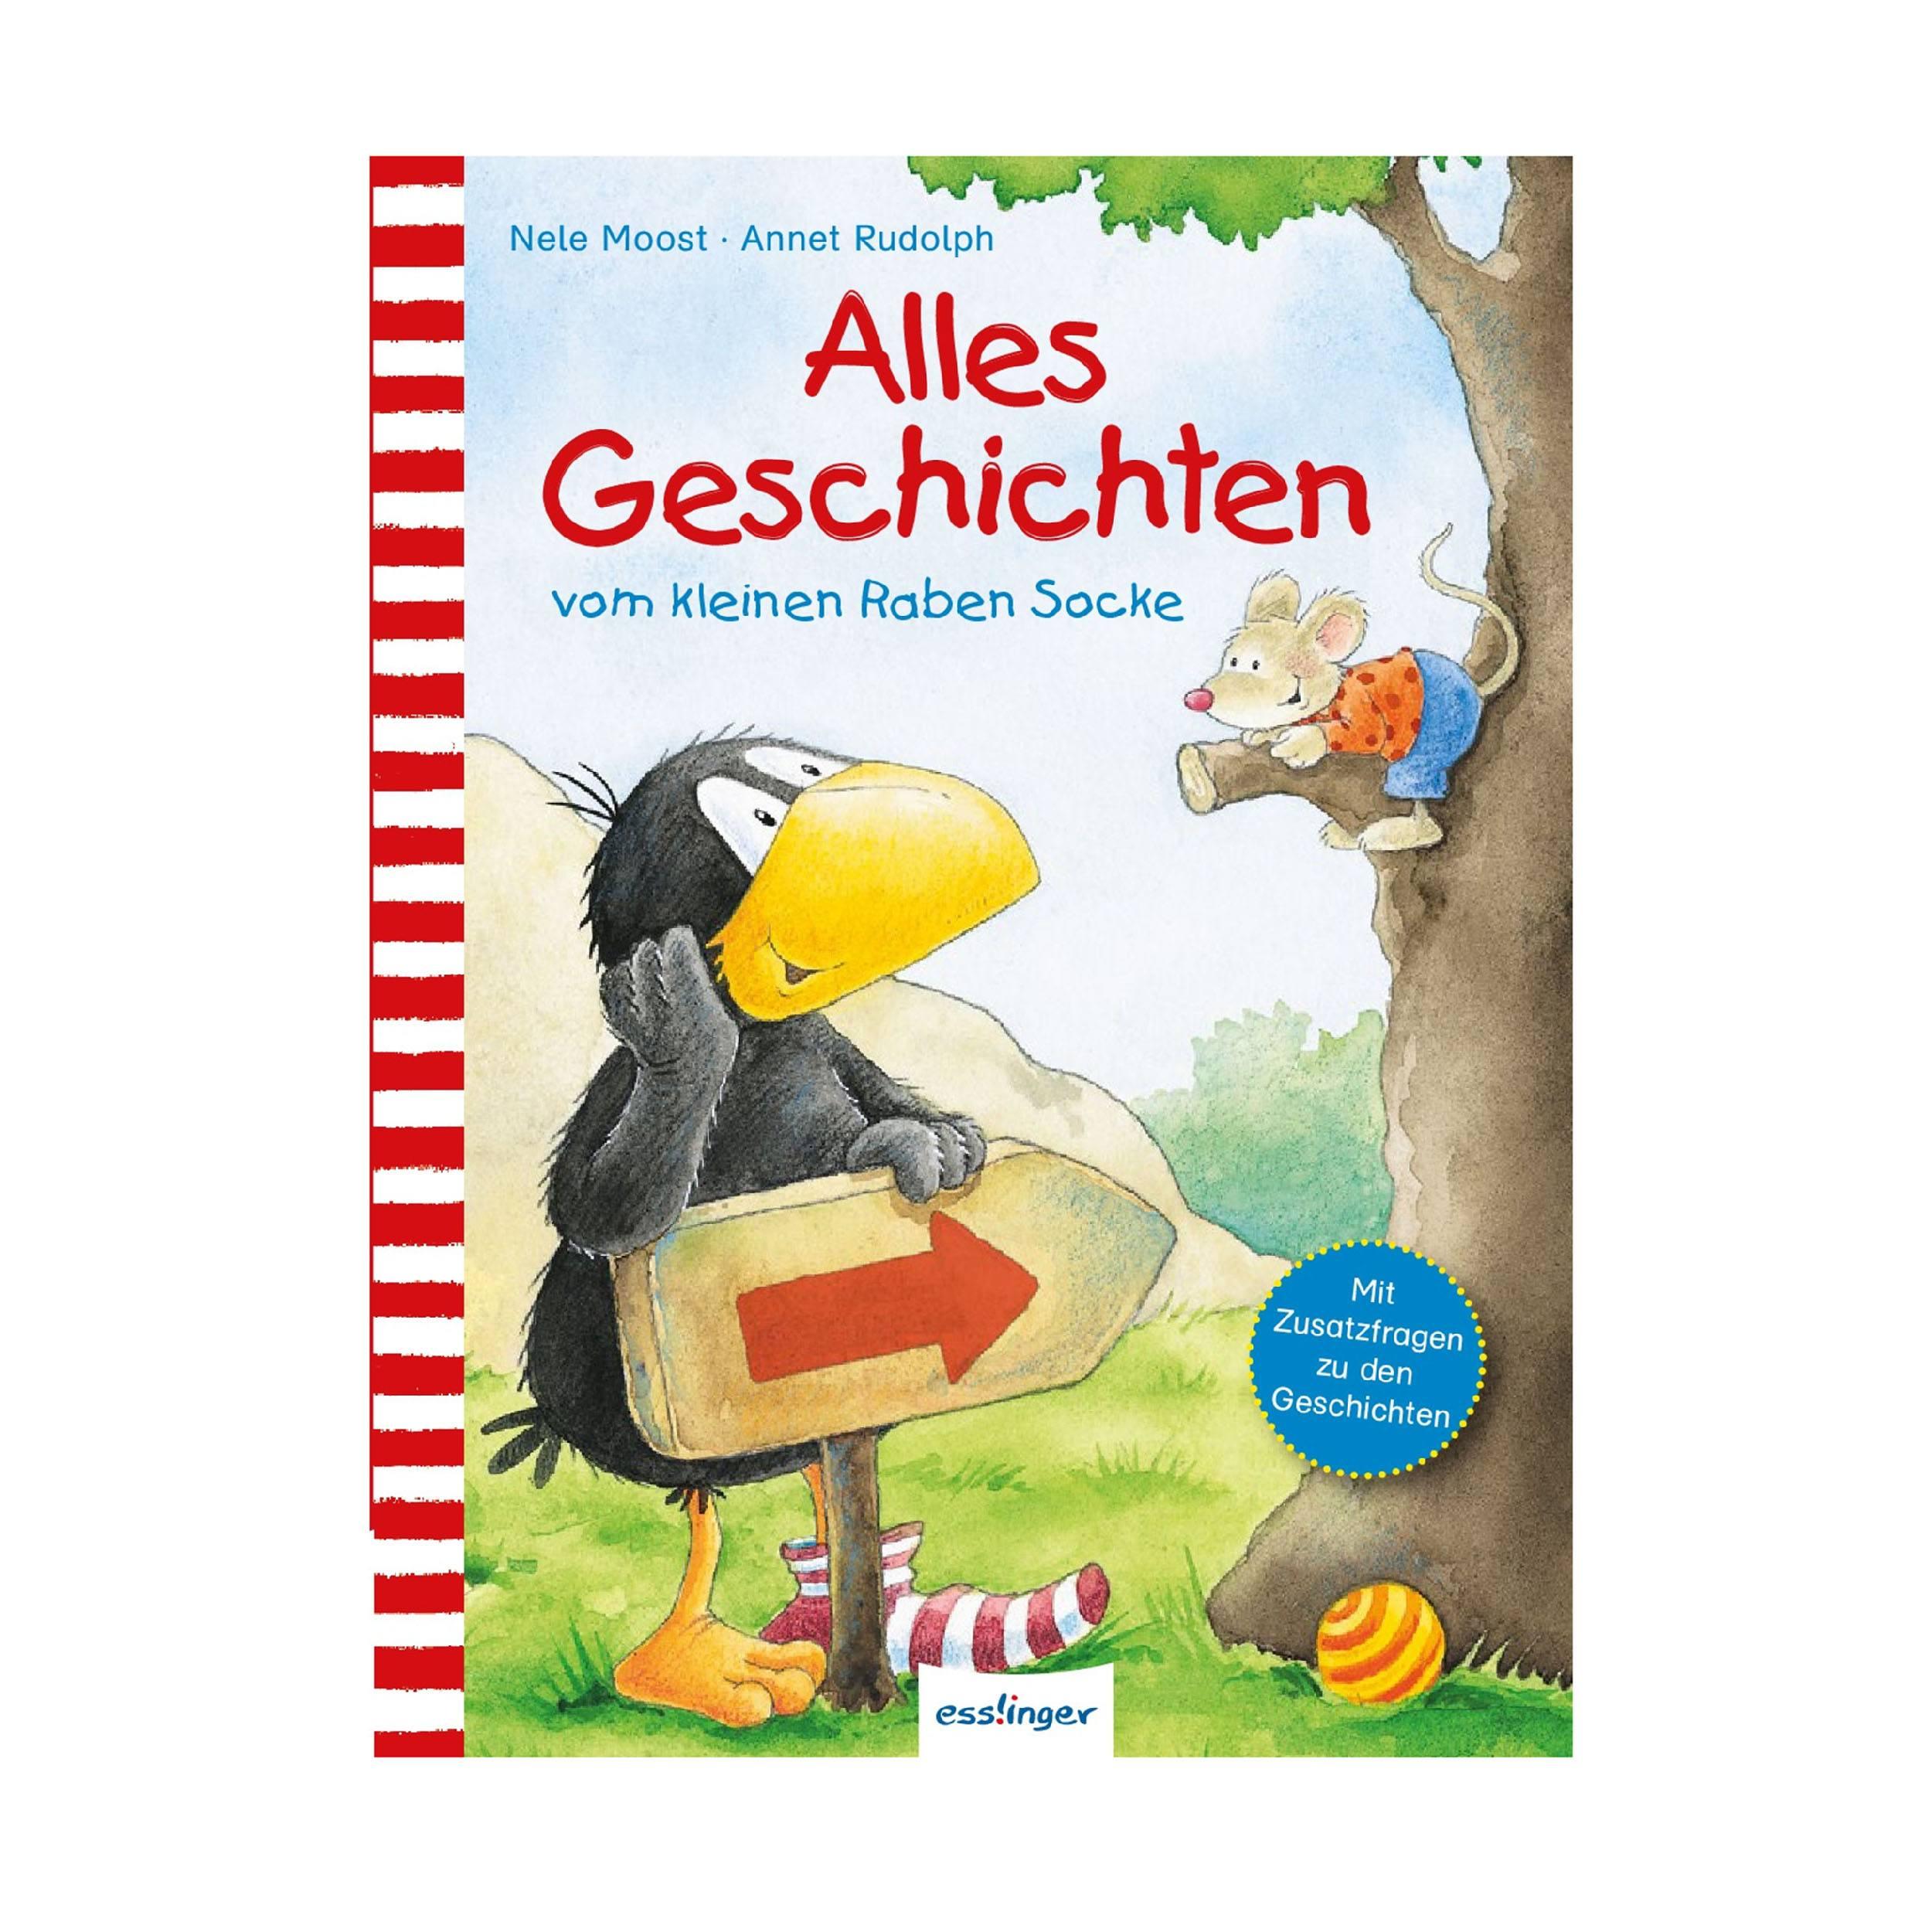 Alles Geschichten vom kleinen Raben Kinderbuch